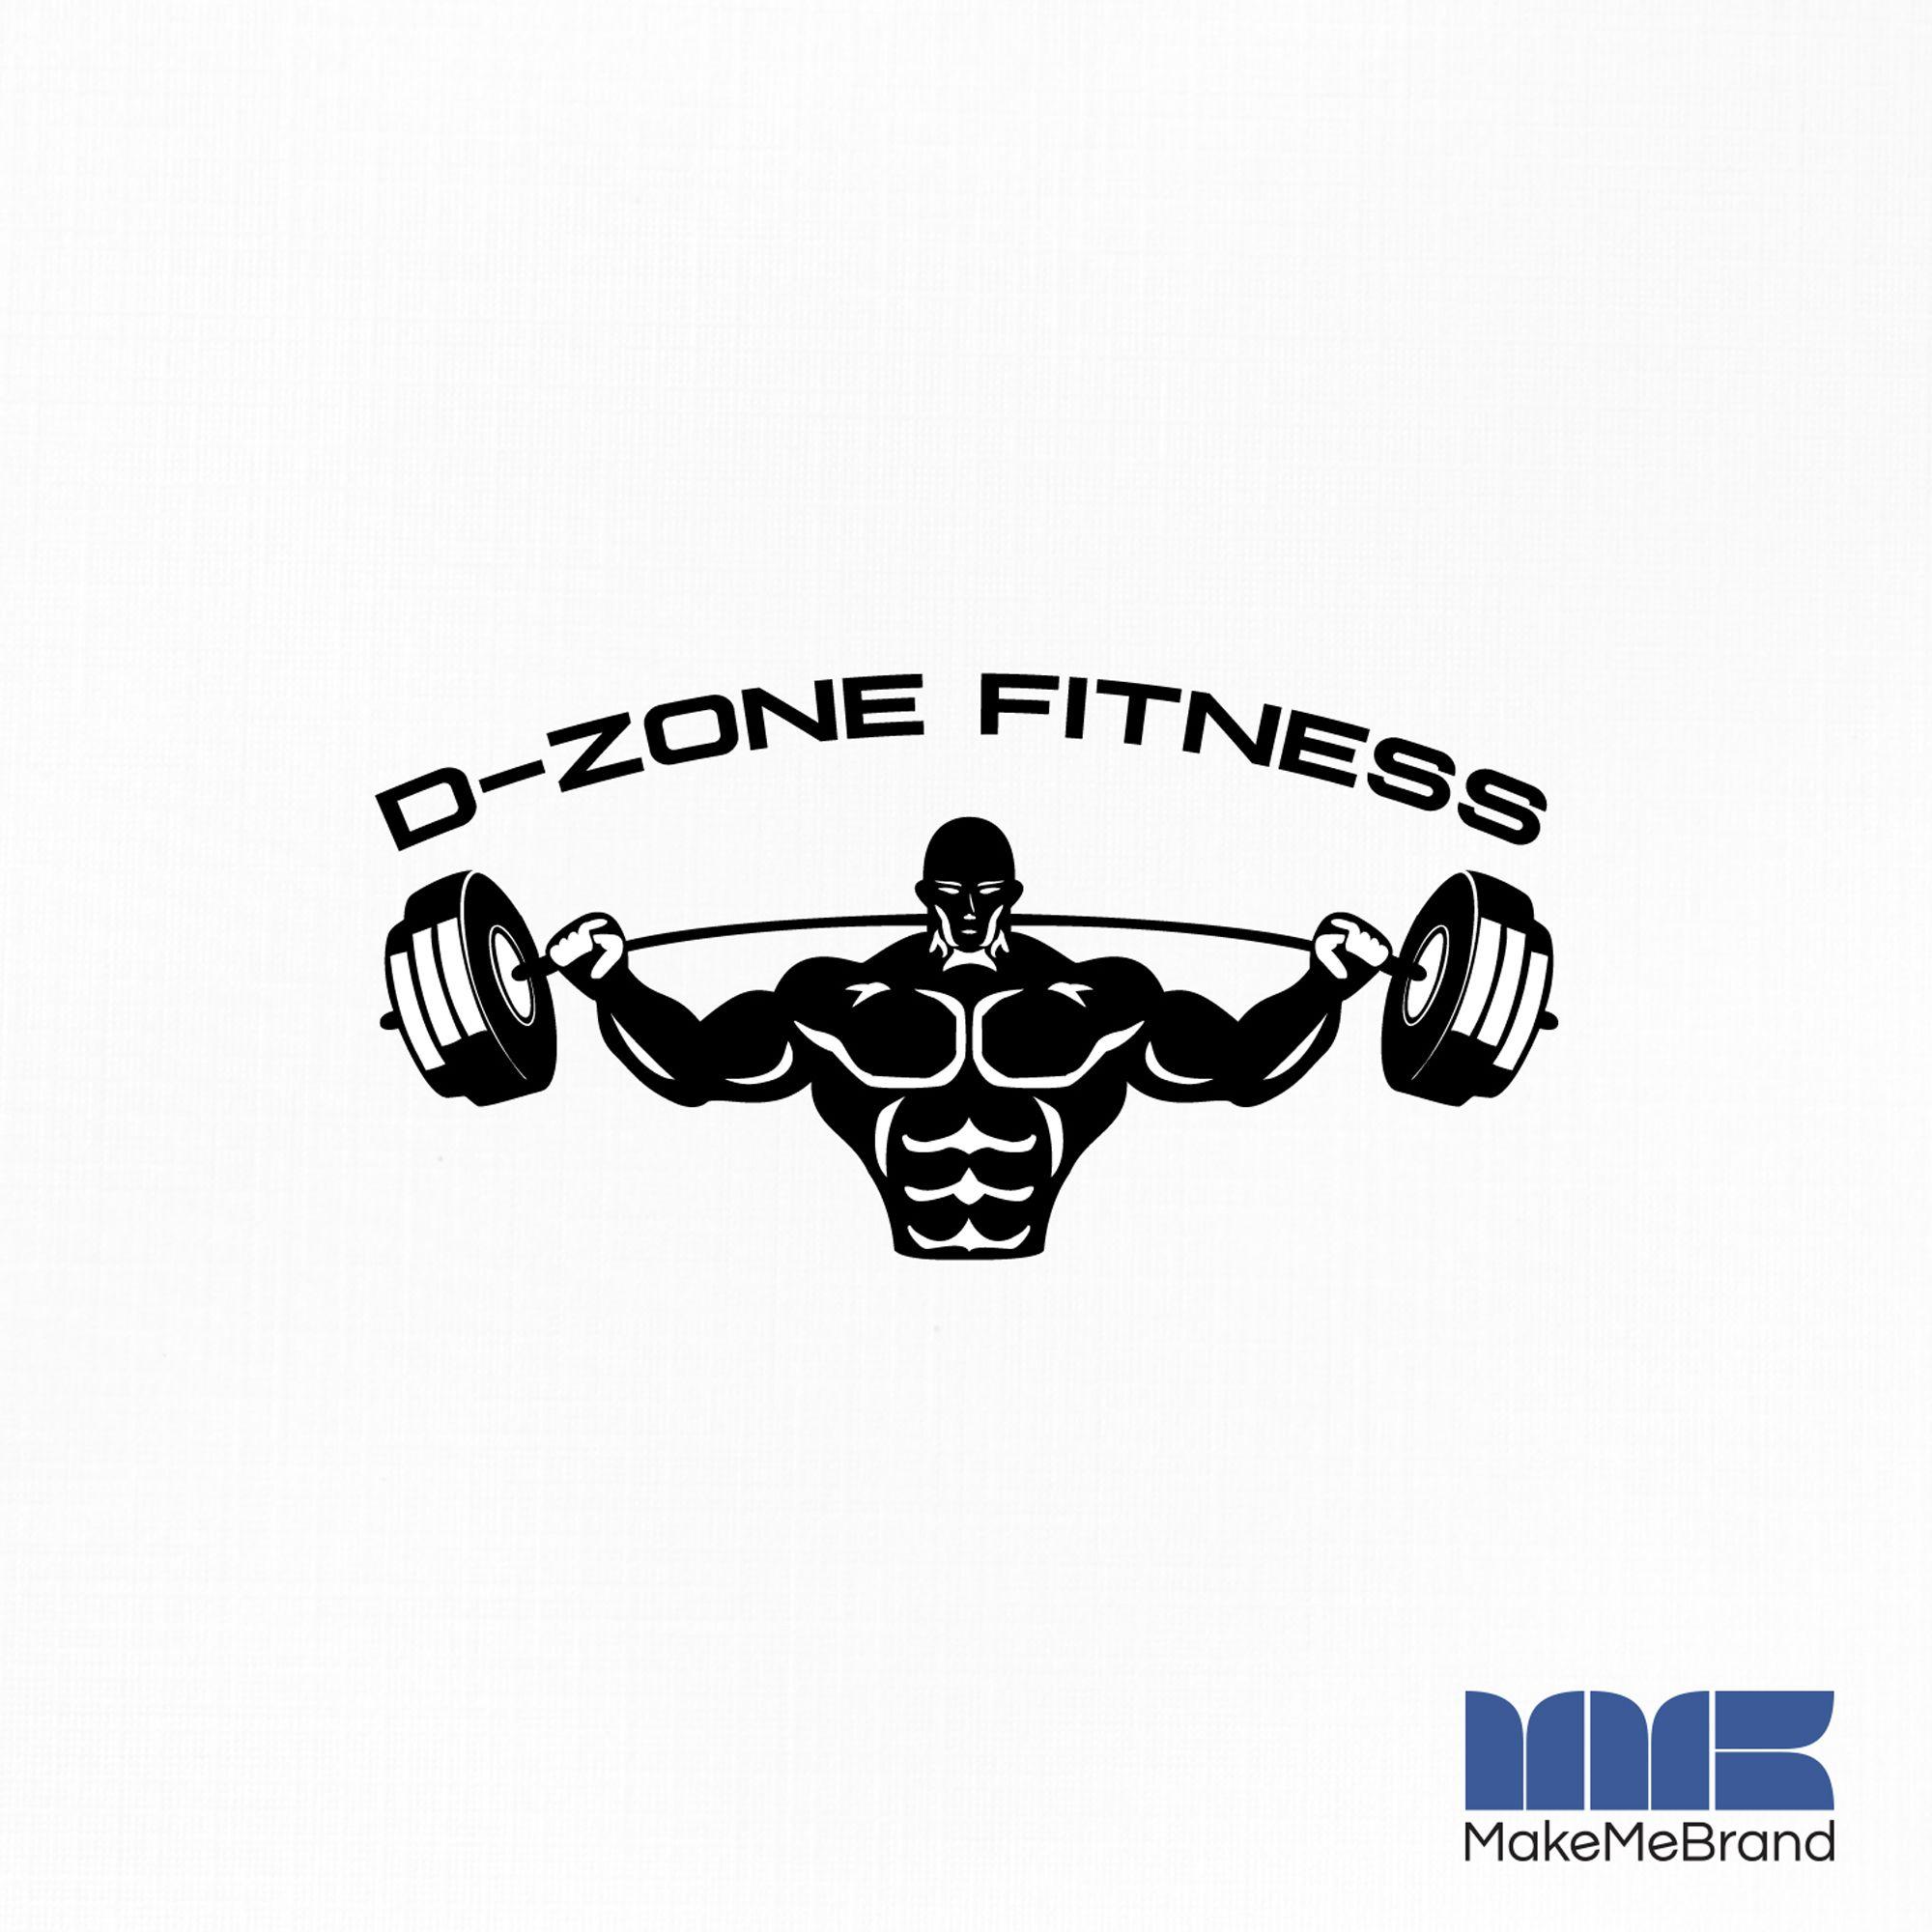 Logo Design 1 For D Zone Fitness Makemebrand